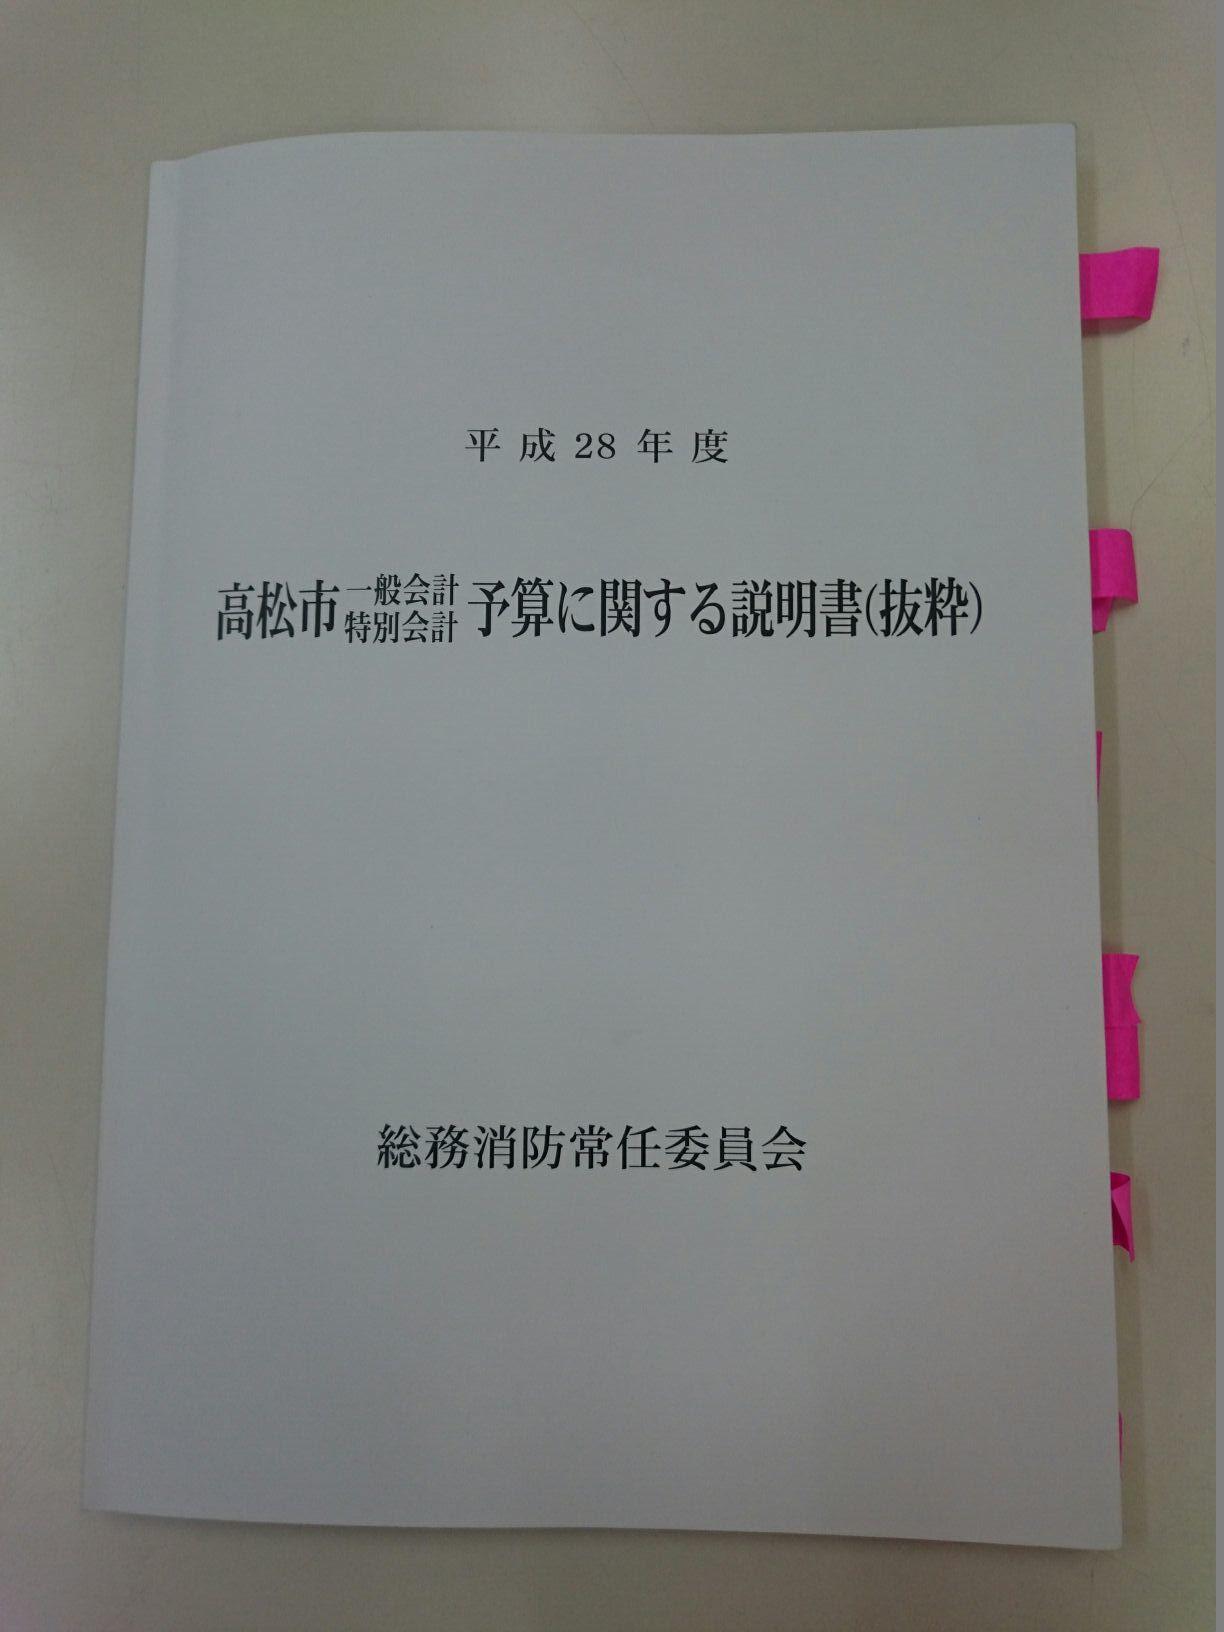 予算に関する説明書_c0347272_19090414.jpg